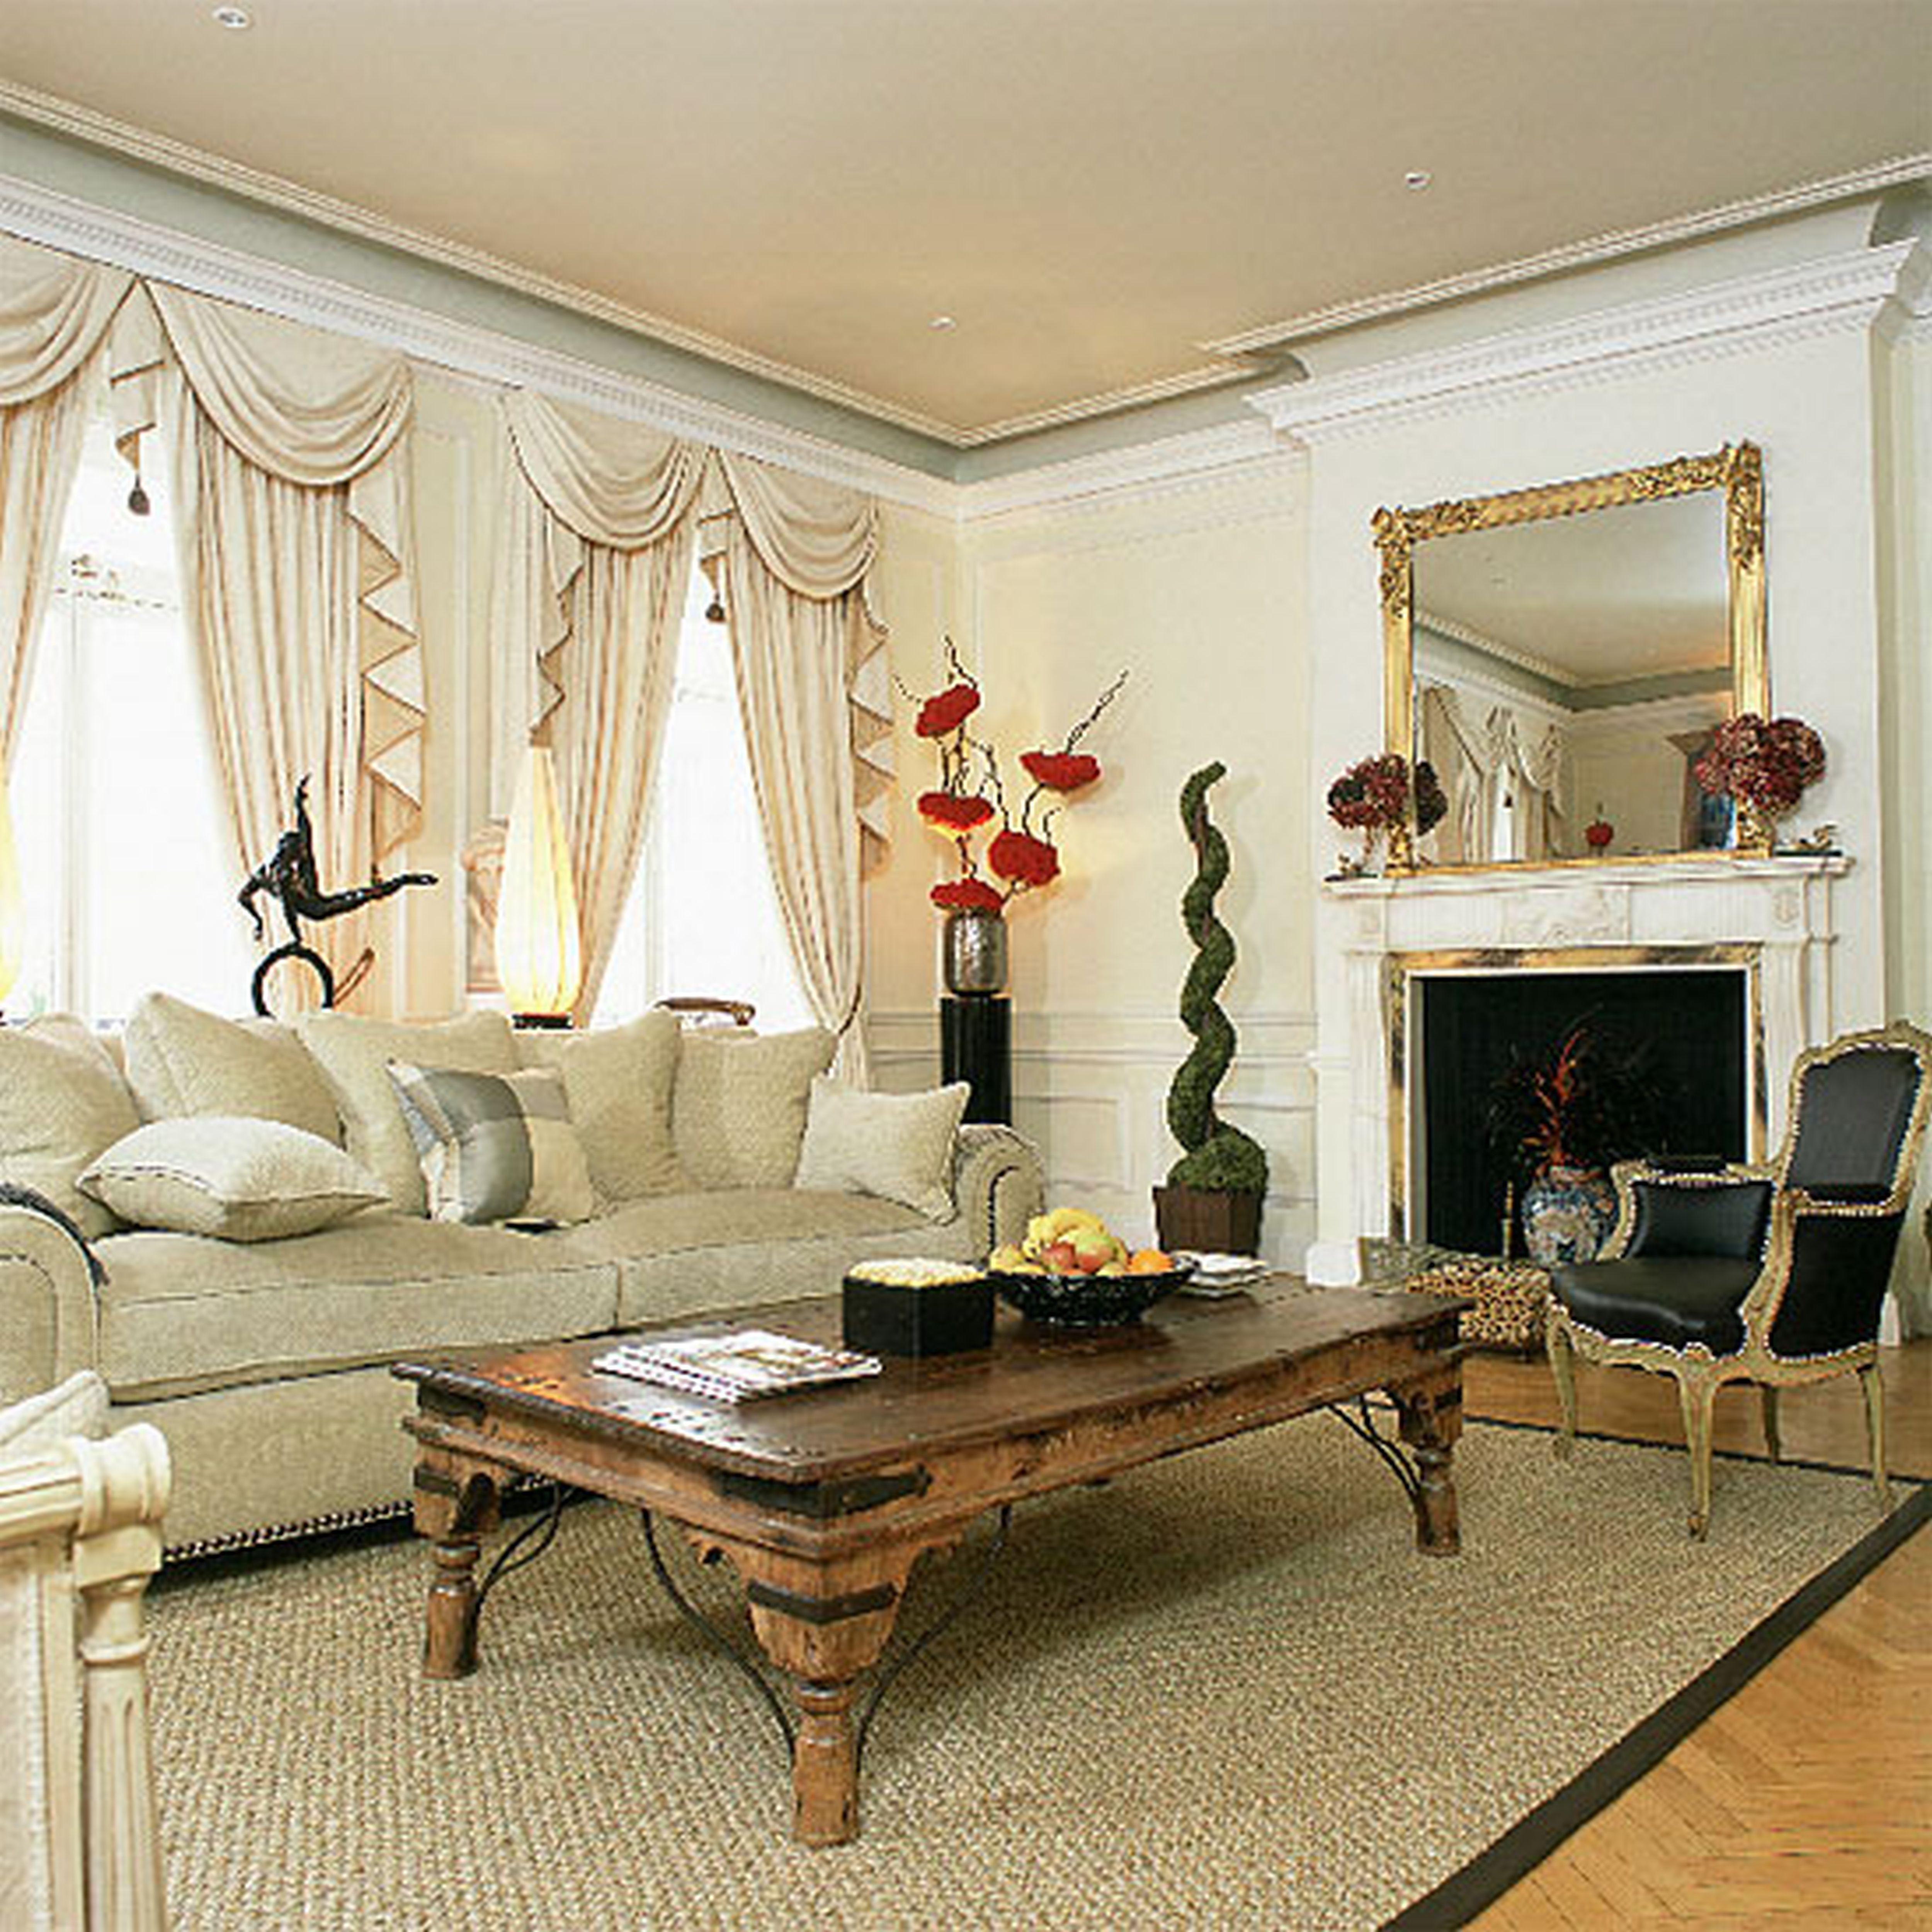 Traditional Home Interiors  Home Decor  Pinterest  Traditional Awesome Living Room Traditional Decorating Ideas Design Decoration